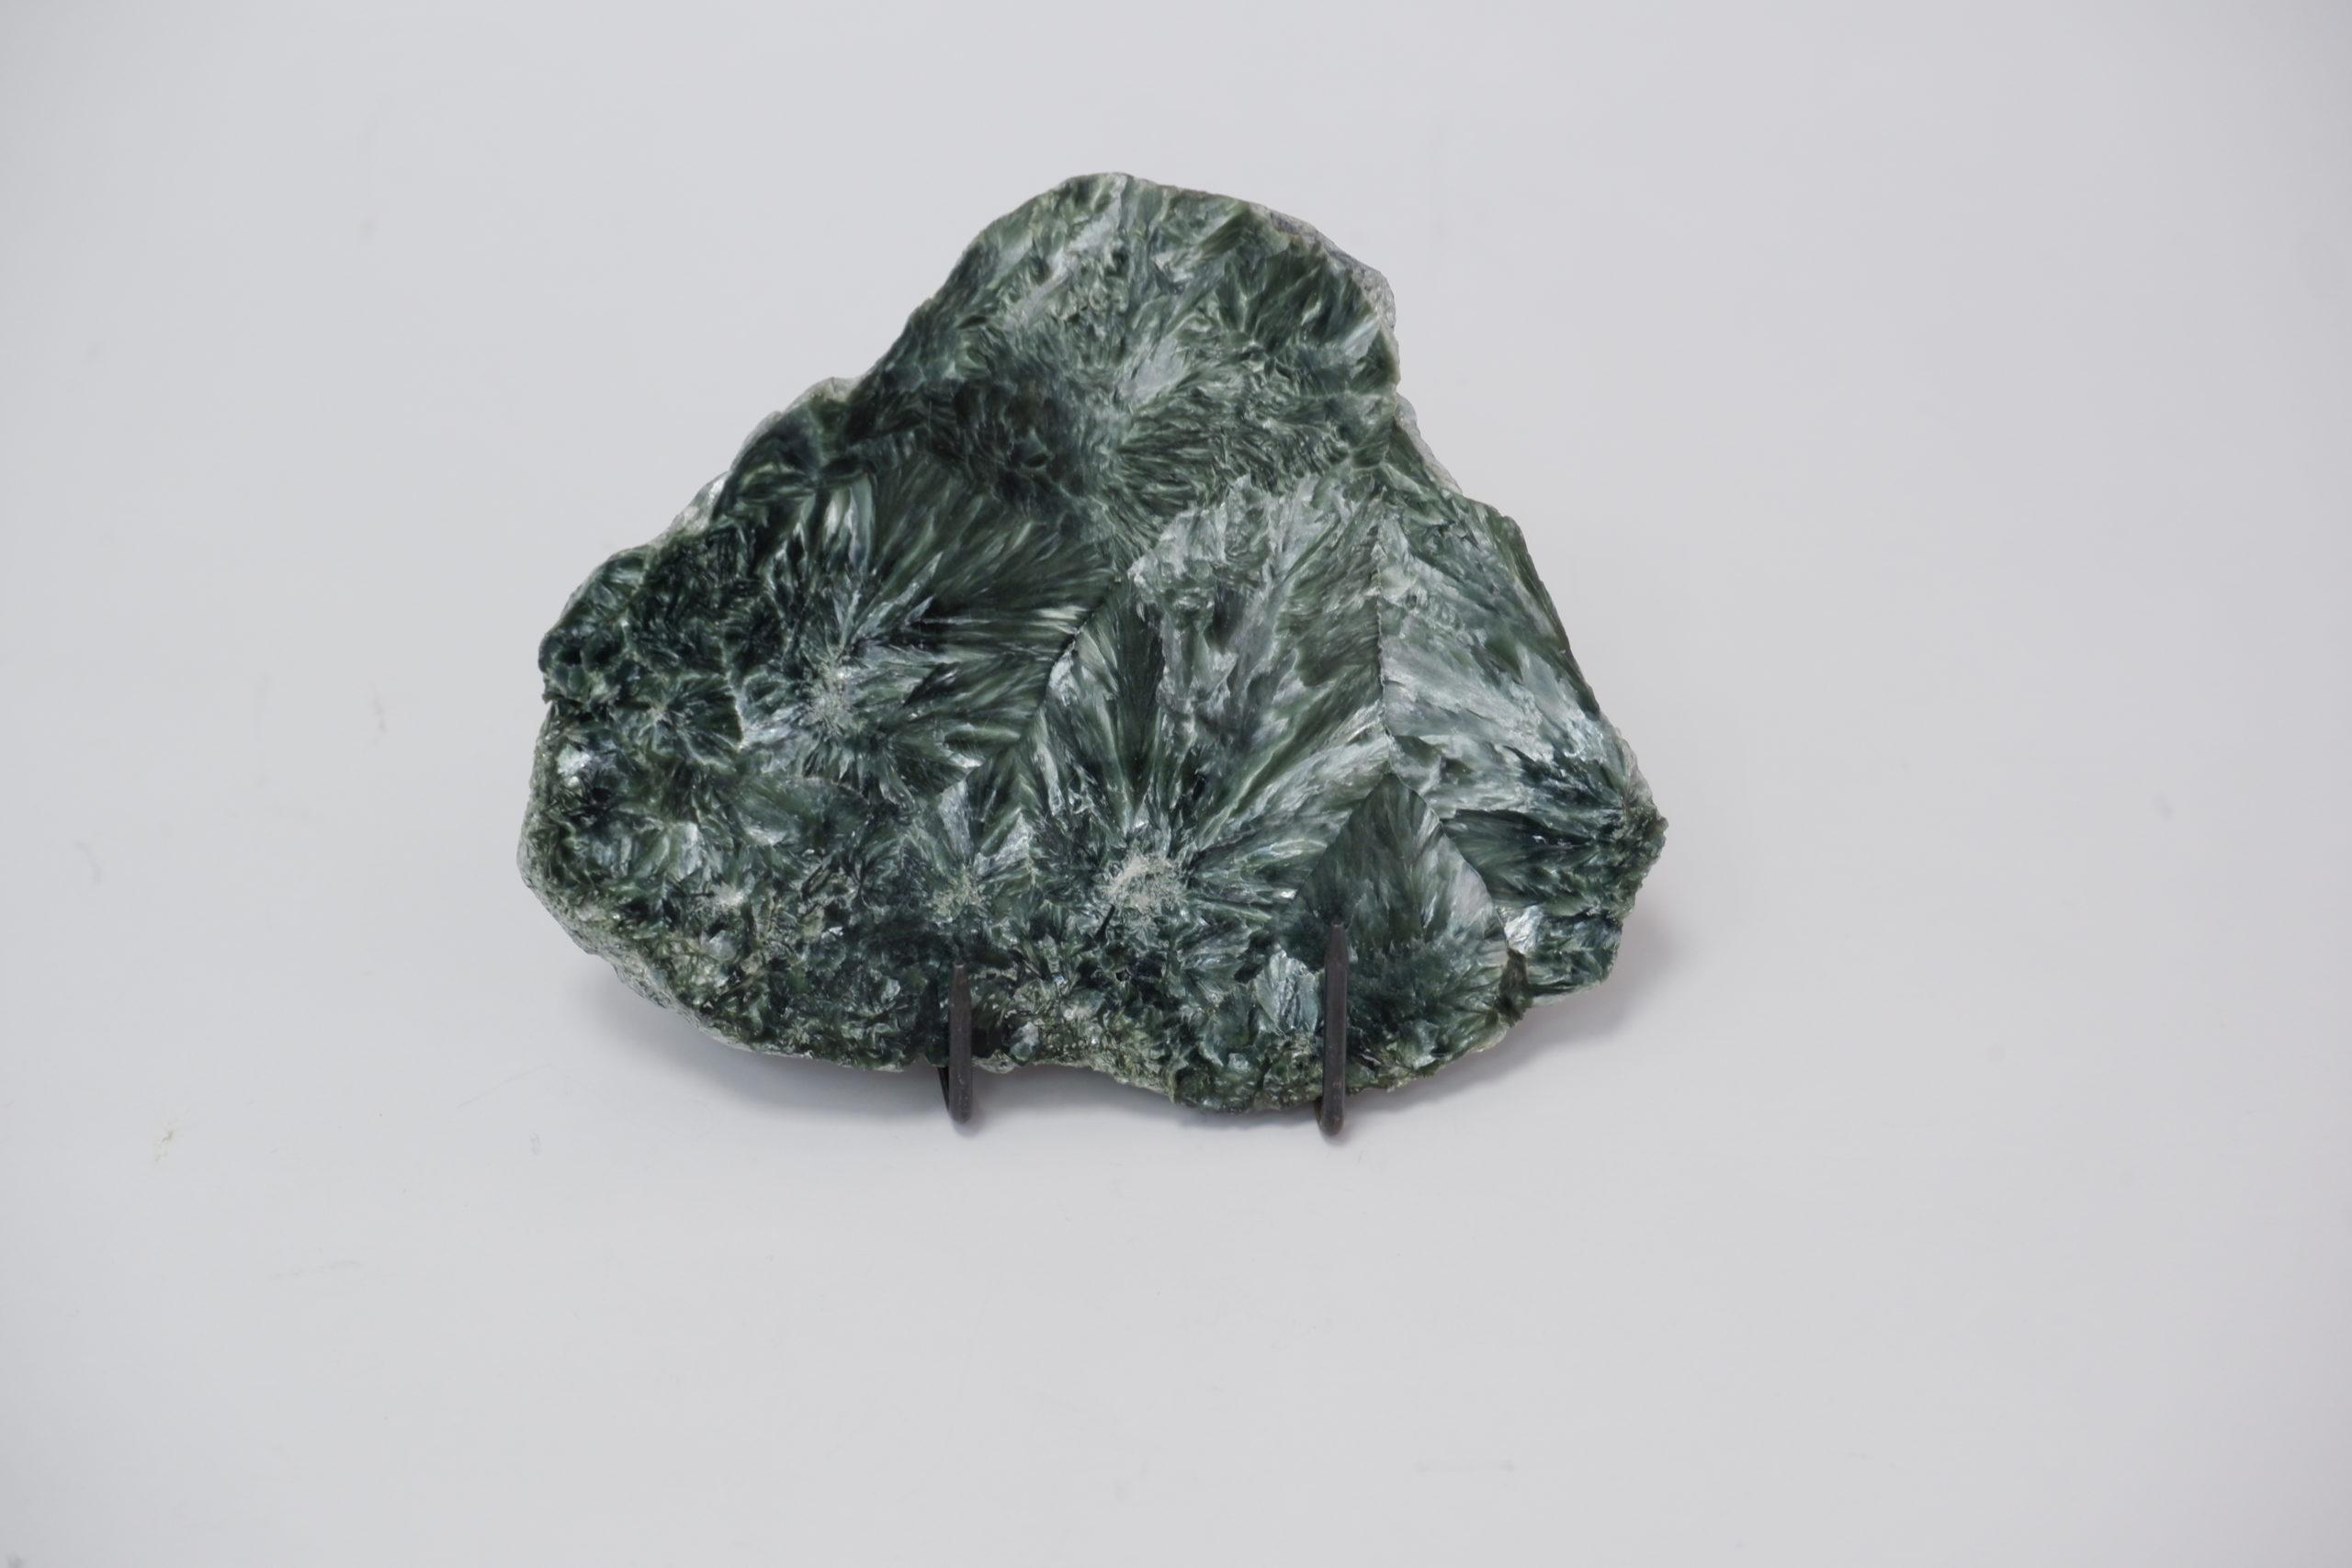 Образец клинохлора